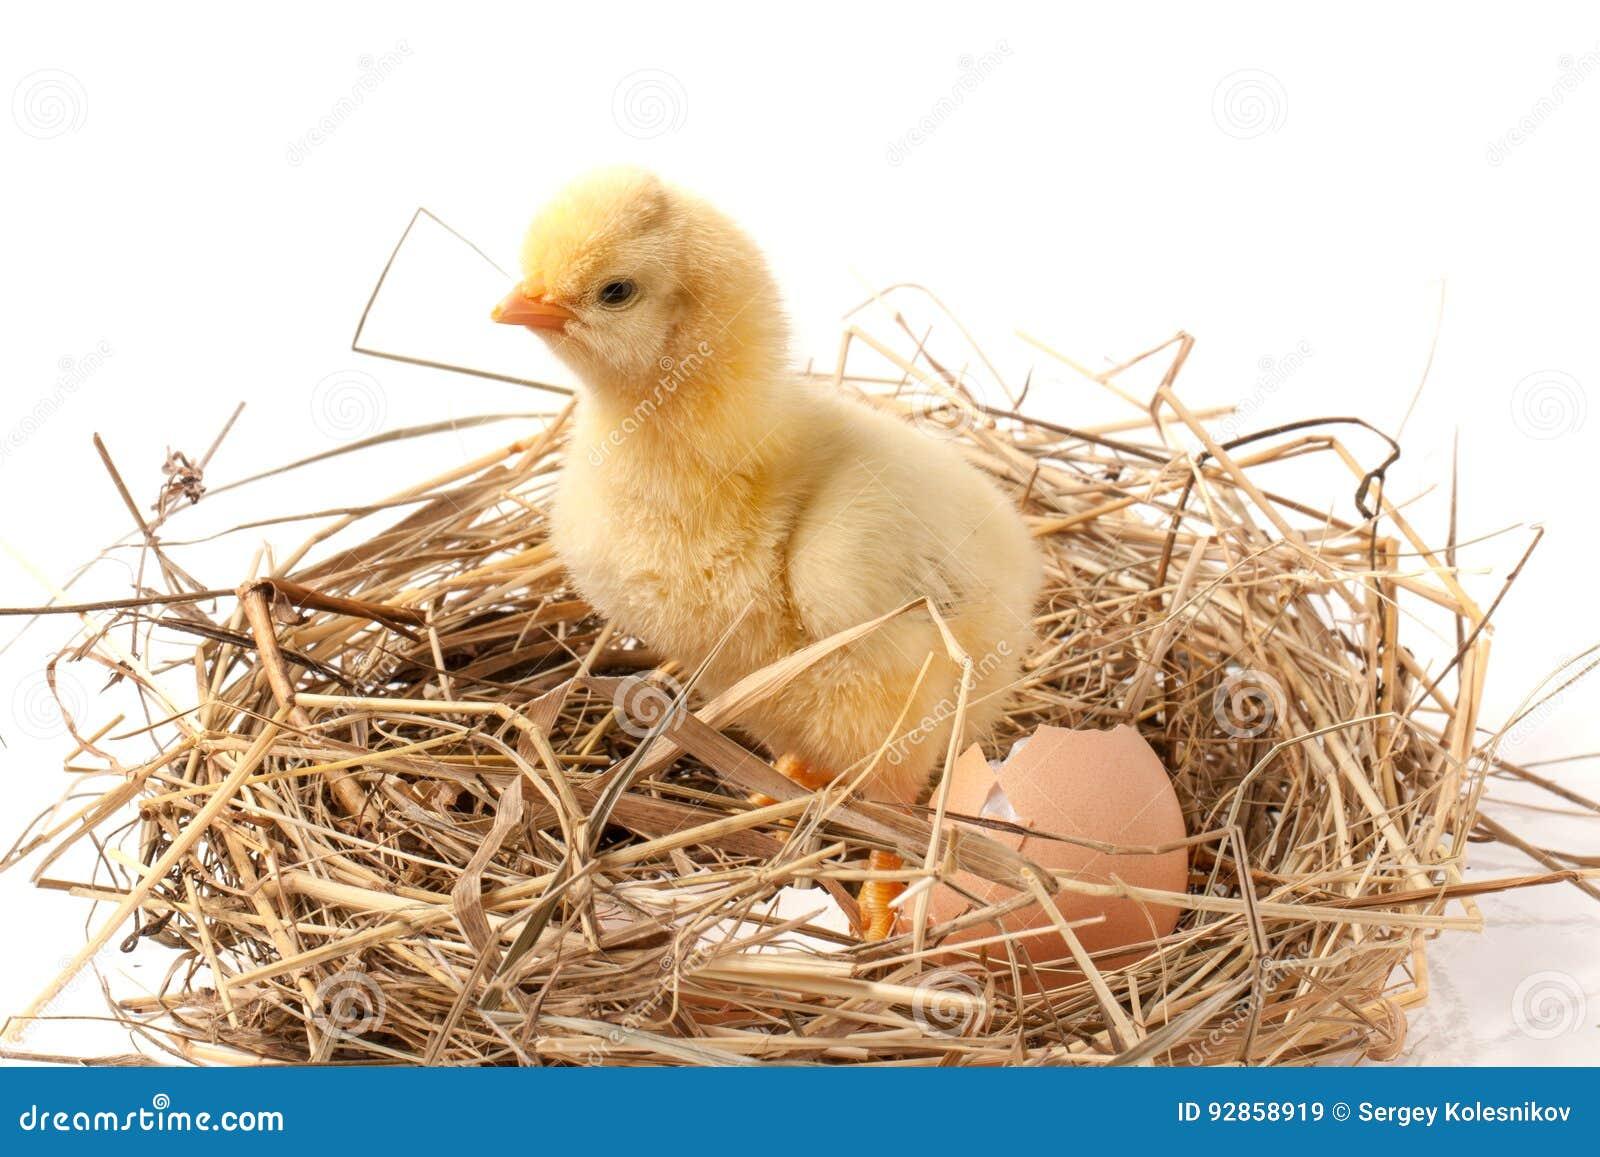 Poulet de b b avec la coquille d 39 oeuf cass e dans le nid de paille sur le fond blanc image - Coquille d oeuf dans le jardin ...